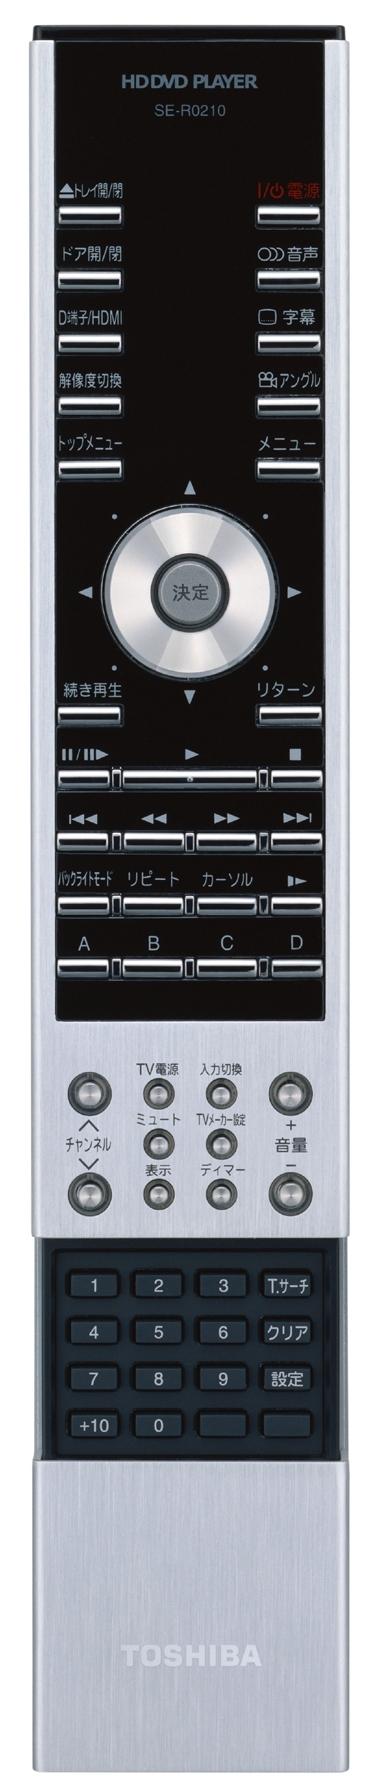 Fernbedienung des Toshiba HD-AX1